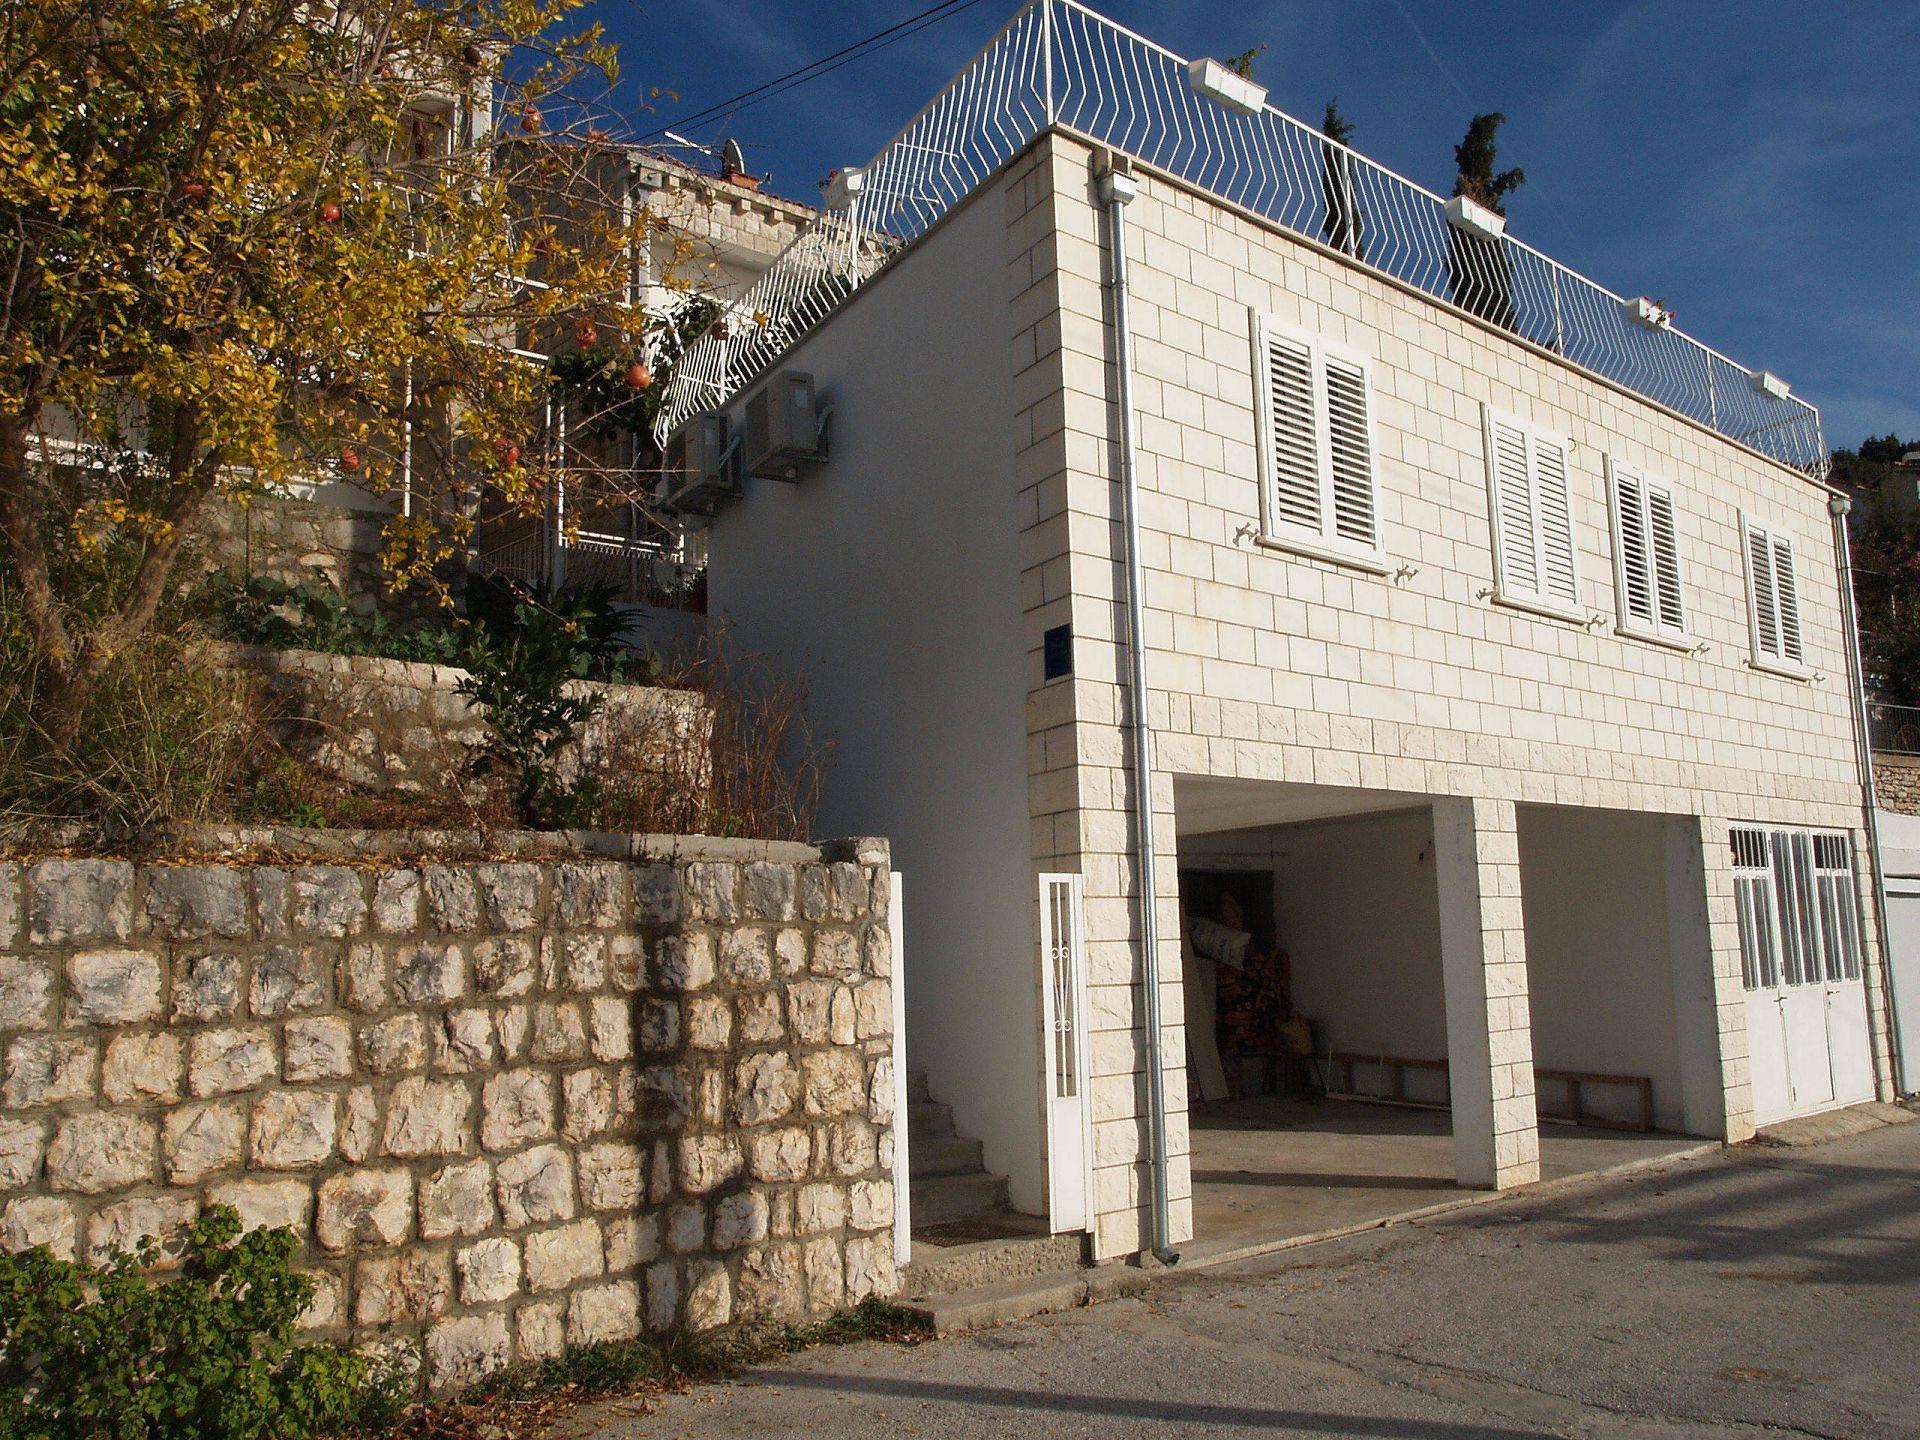 00816ZATD  - Zaton (Dubrovnik) - Appartements Croatie